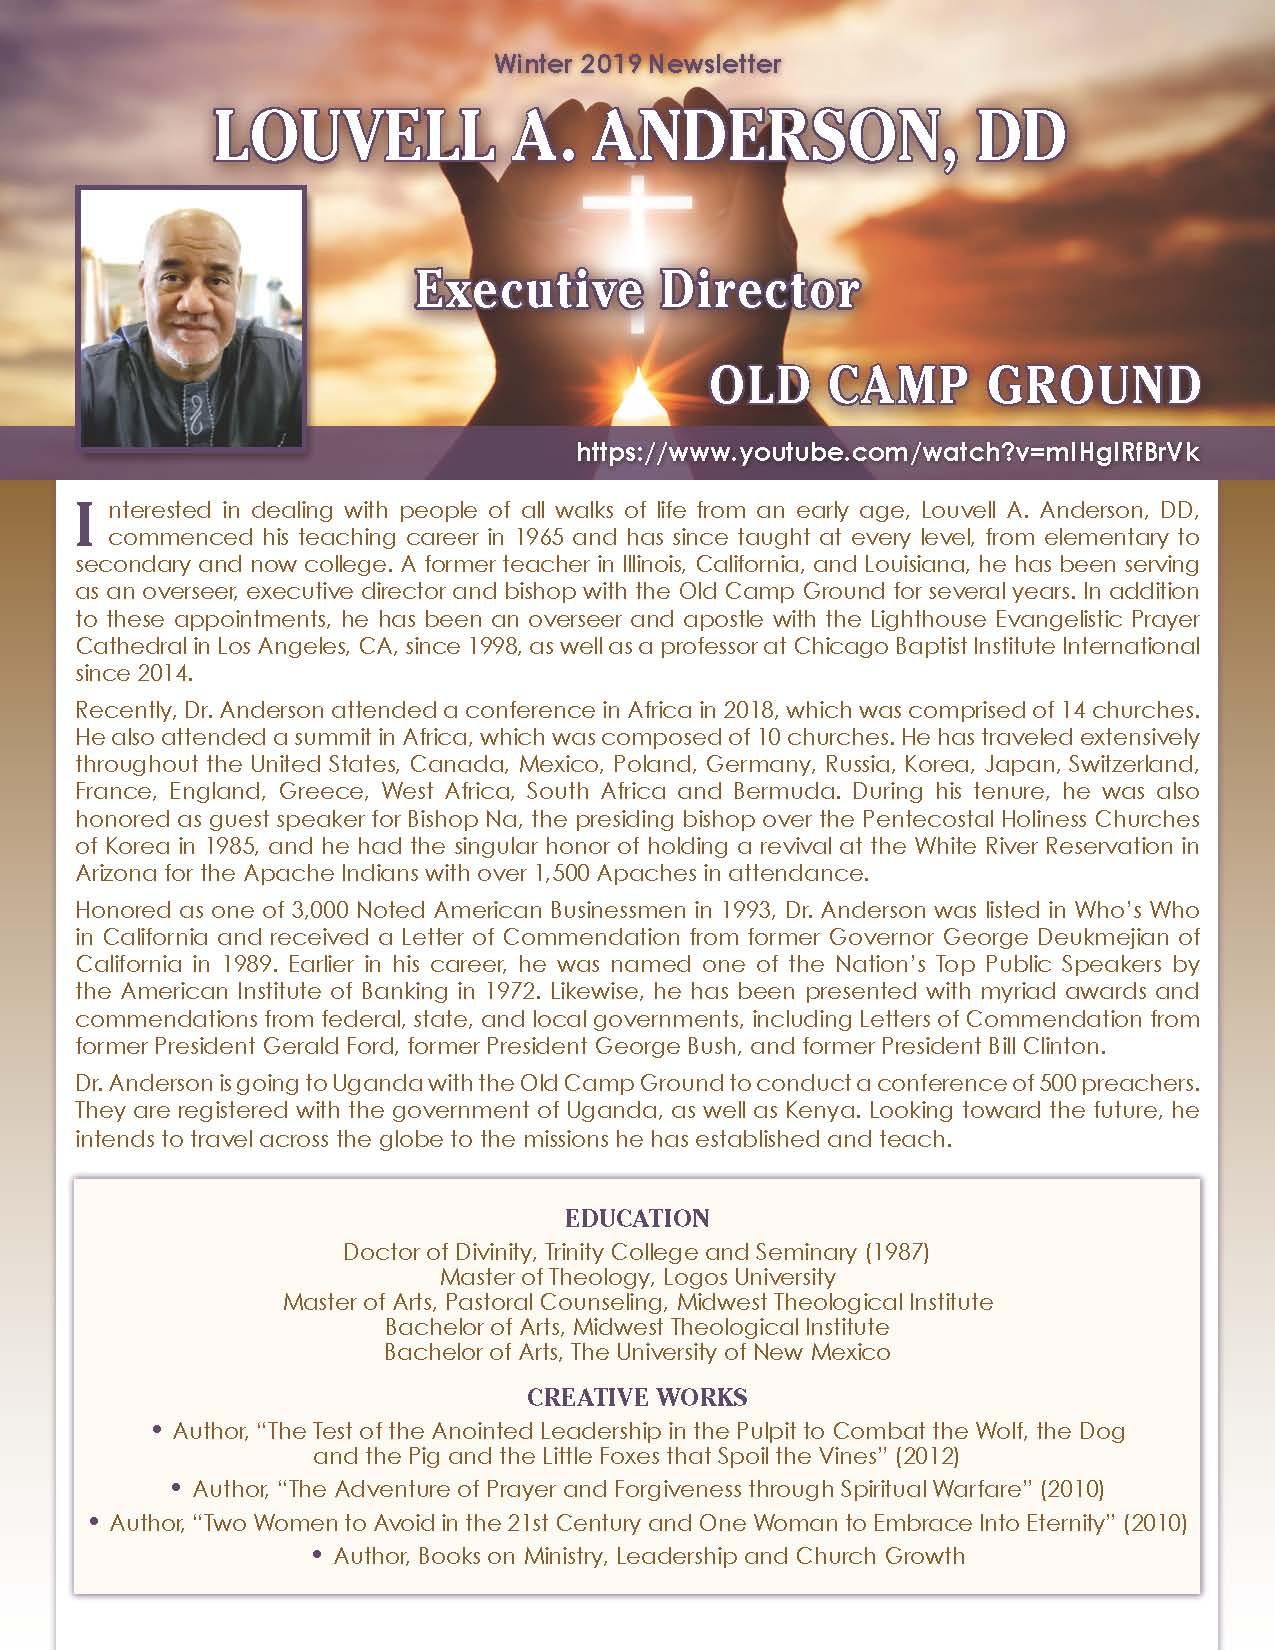 Anderson, Louvell 3717810_4003717810 Newsletter.jpg